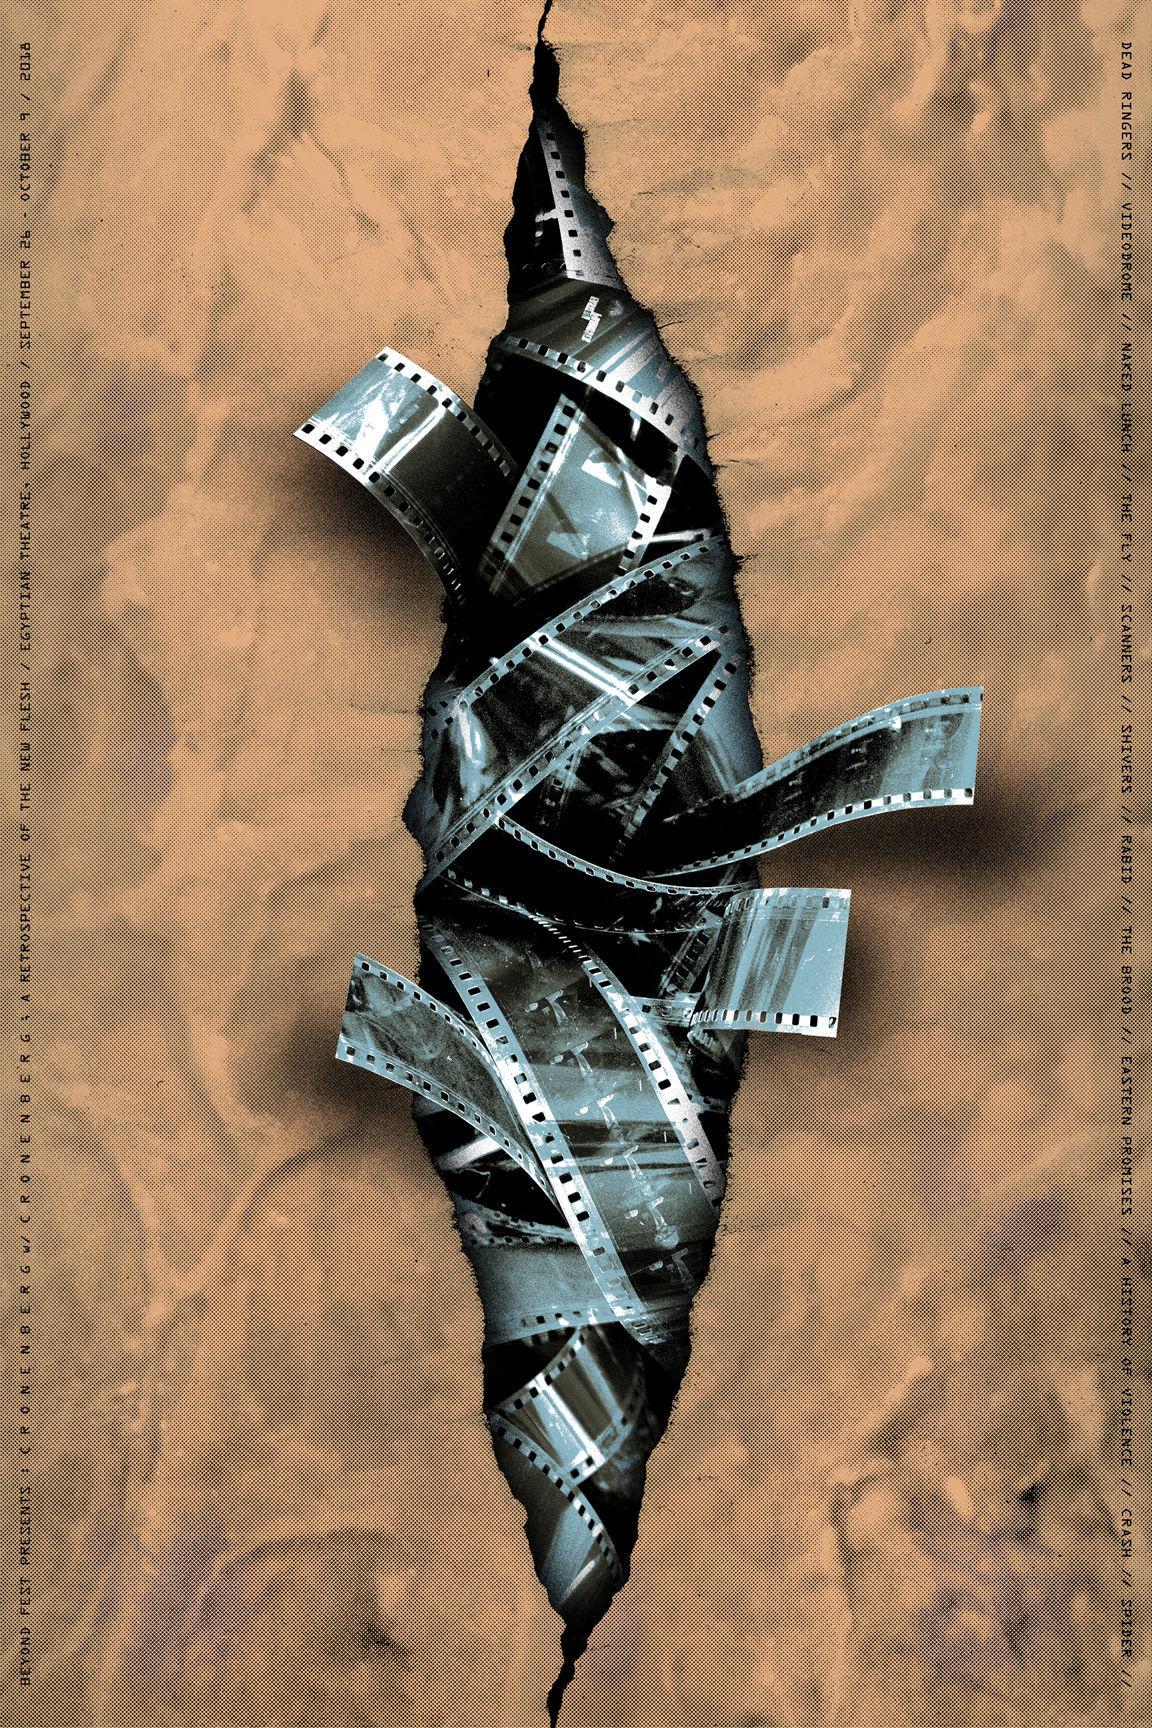 Cronenberg by Alan Hynes